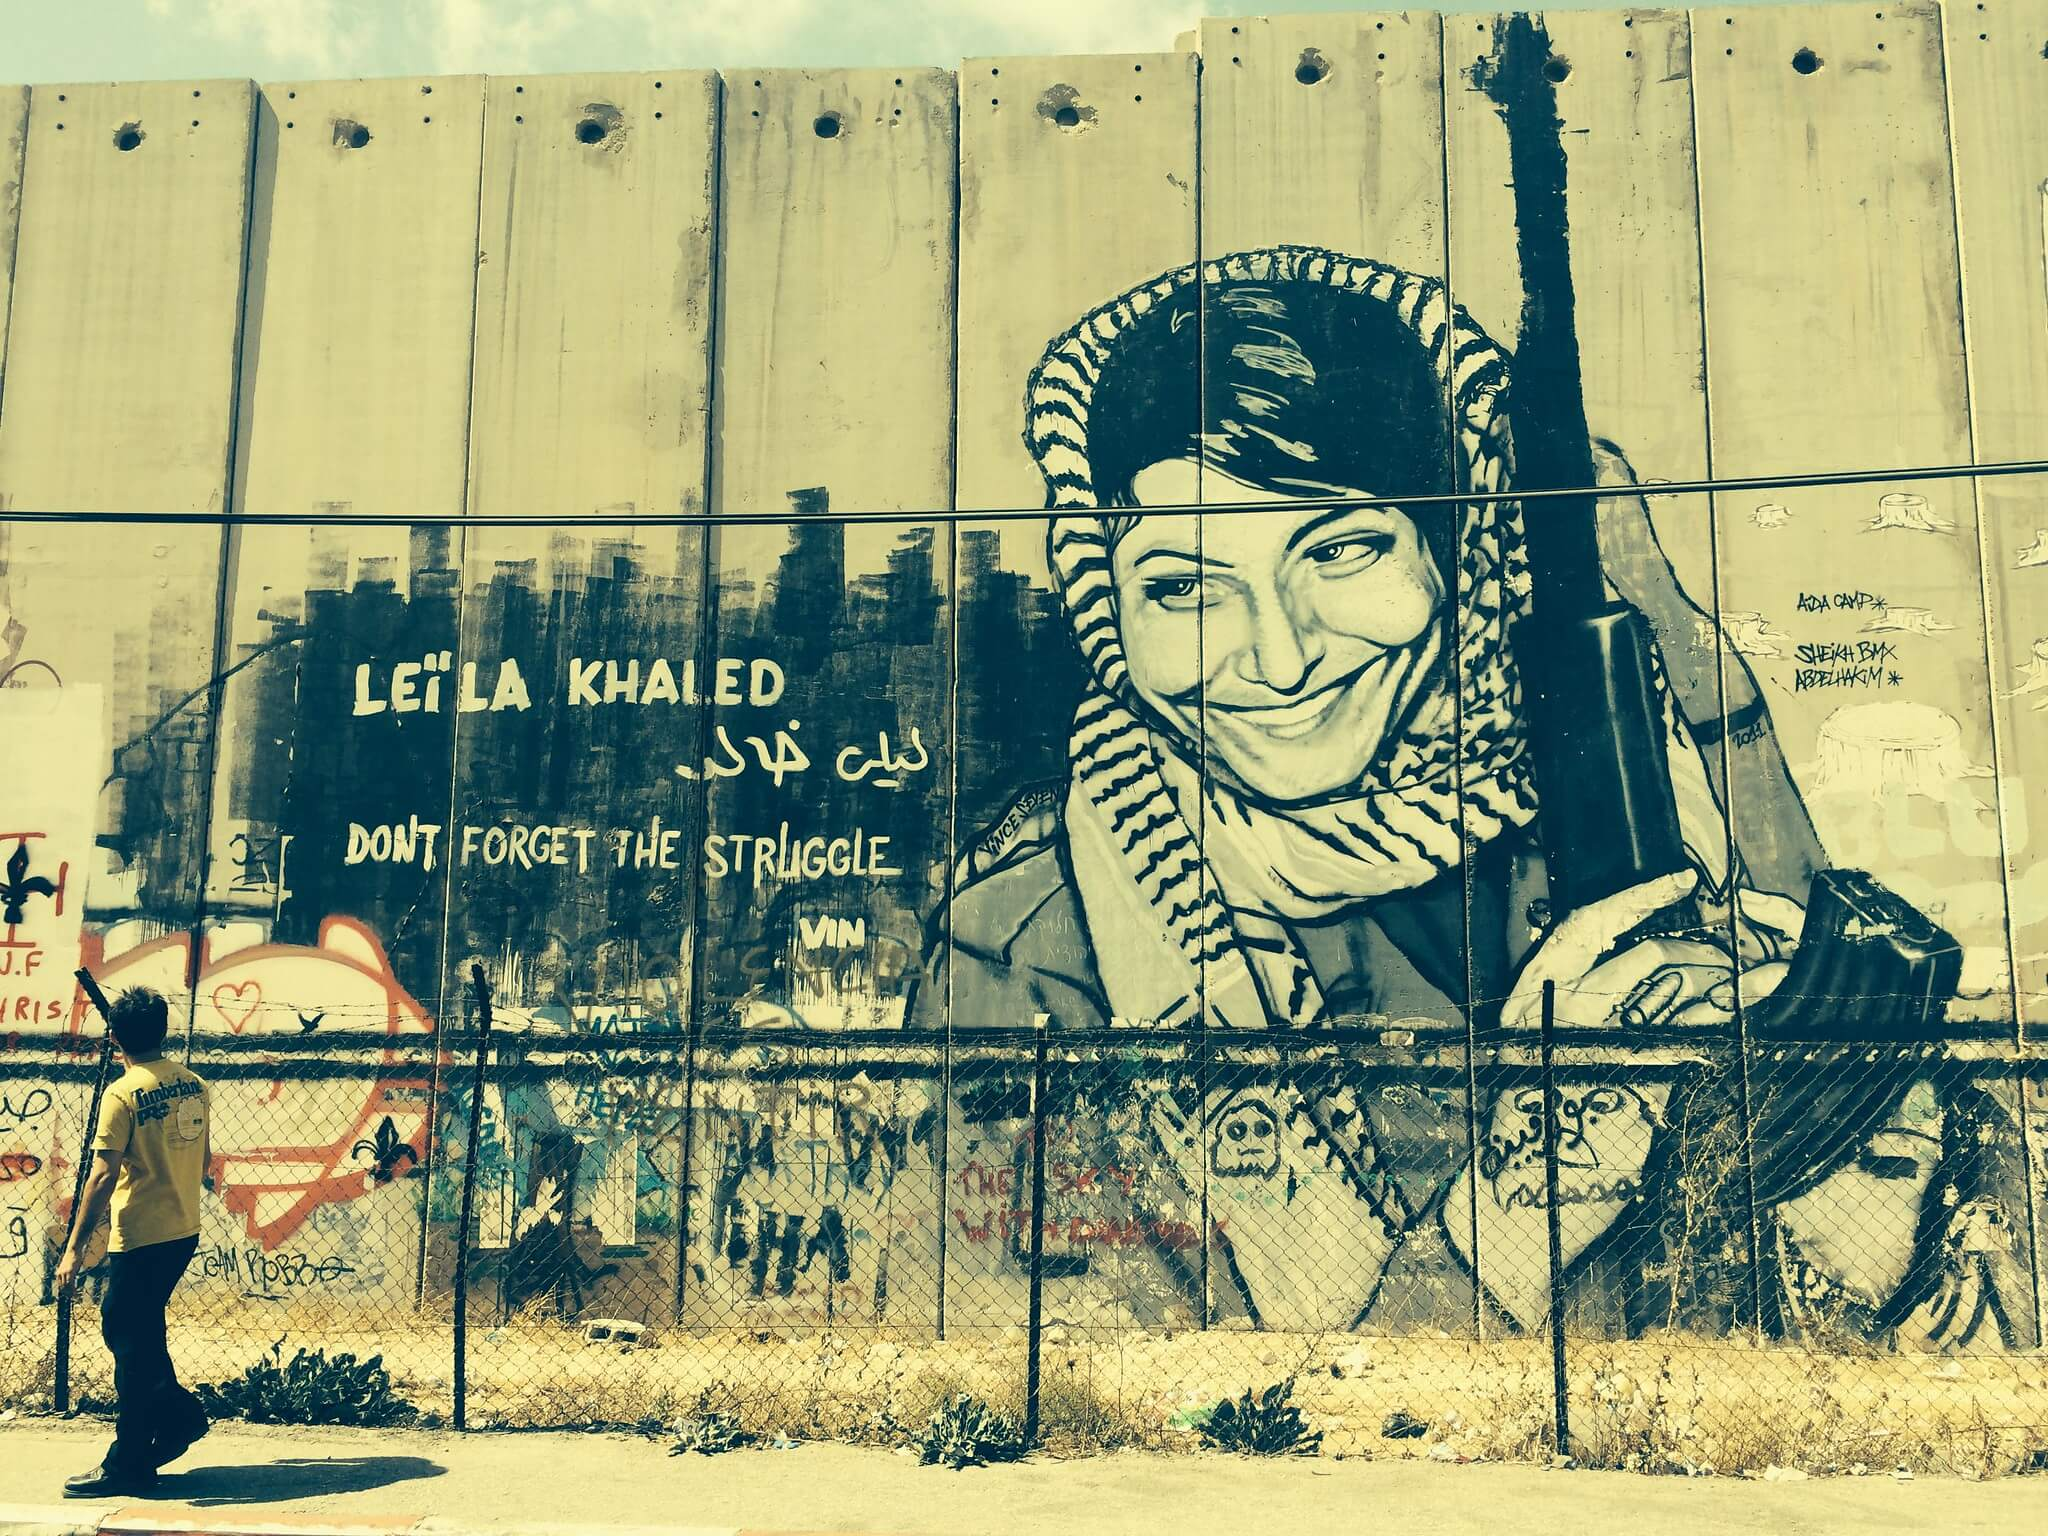 Street art mural of Leila Khaled on the Israeli West Bank barrier in Bethlehem